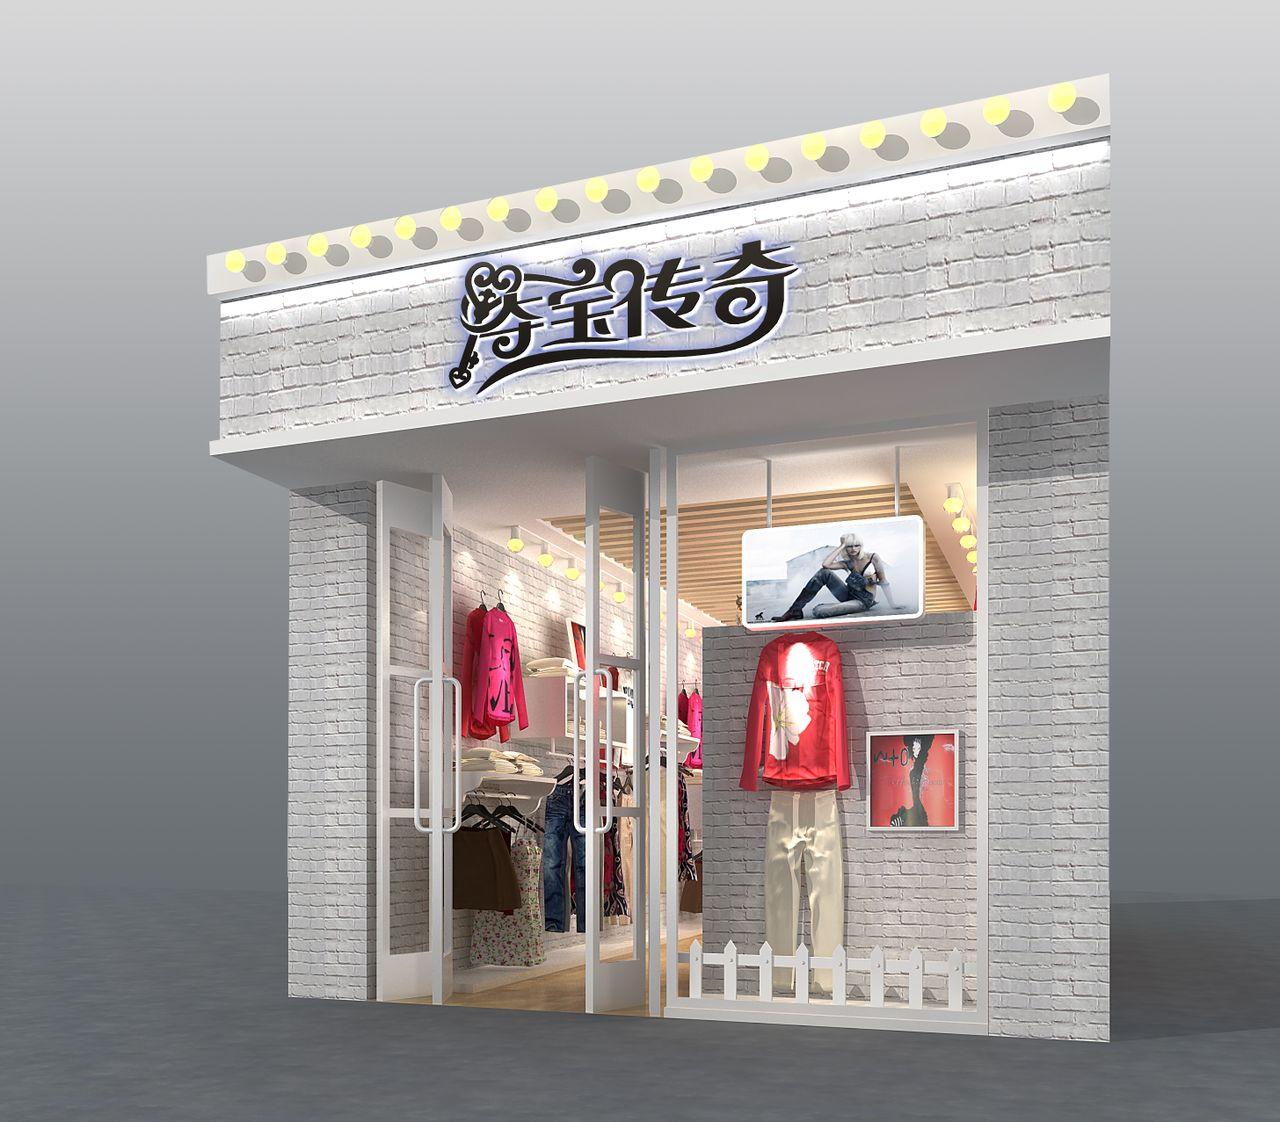 门头logo是设计师精心设计. 效果图令客户非常满意.